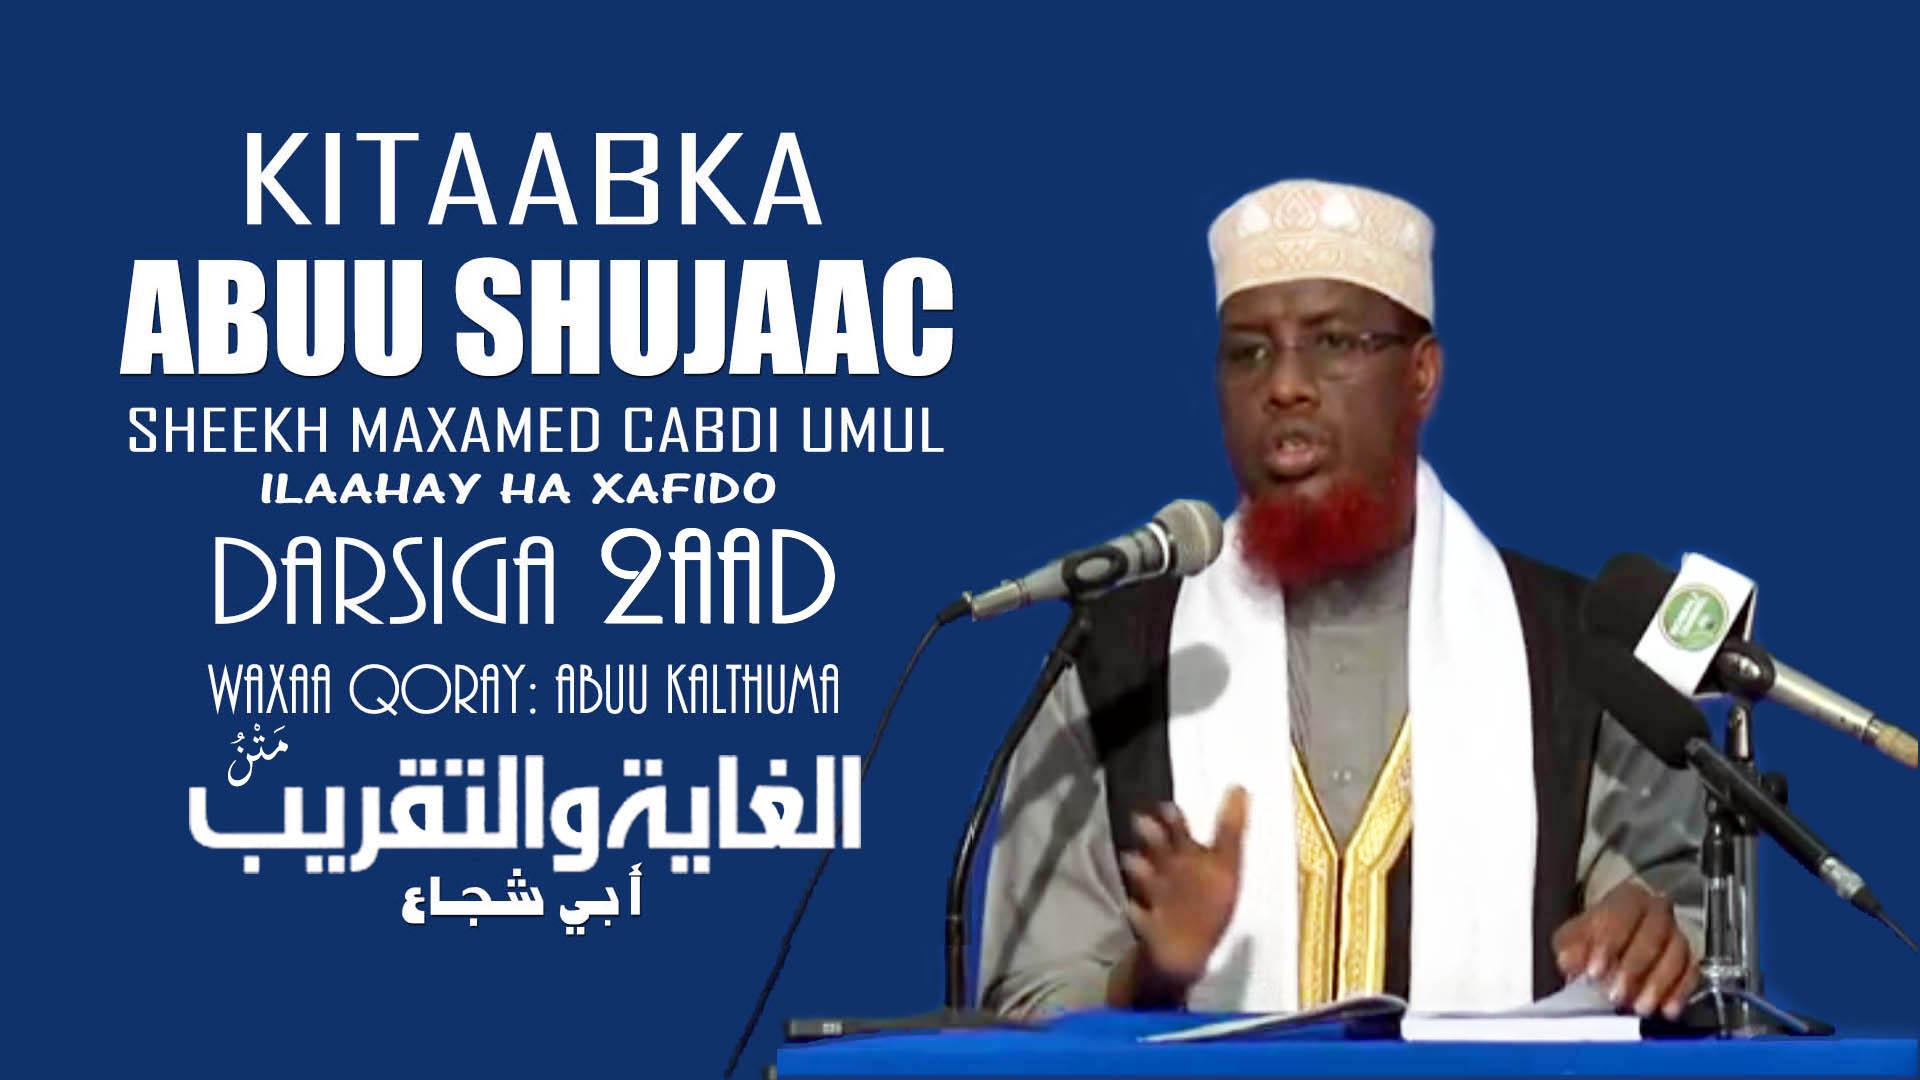 Kitaabka Abuu Shujaac – Qaybta 2aad